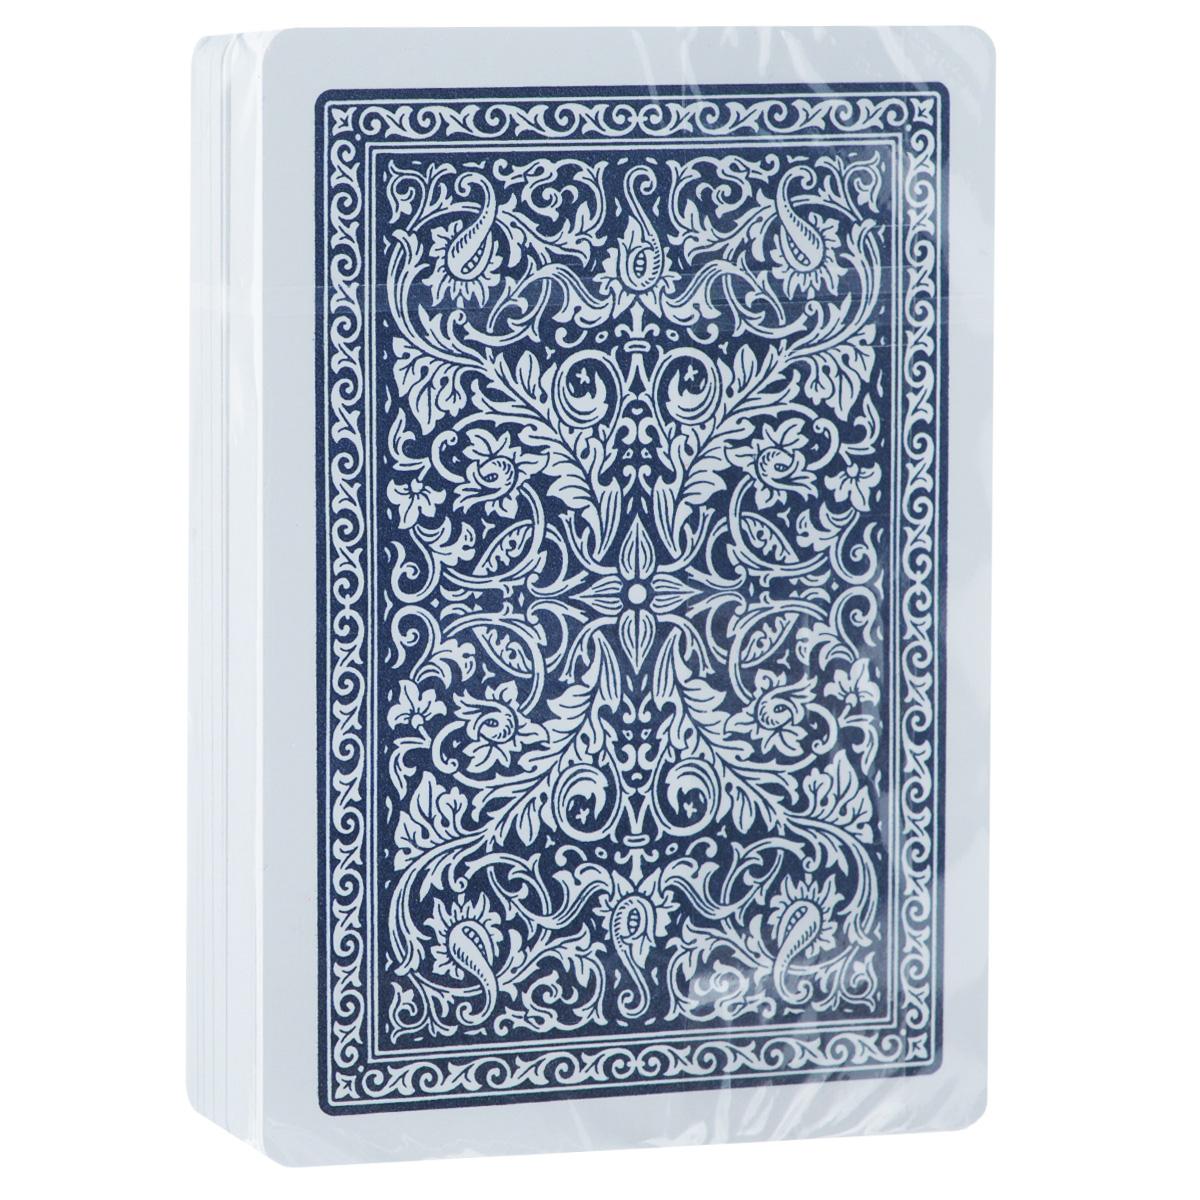 Карты игральные Fournier № 2818, крупный индекс, цвет: синий, 54 штFOURNIER_2818_BLUE